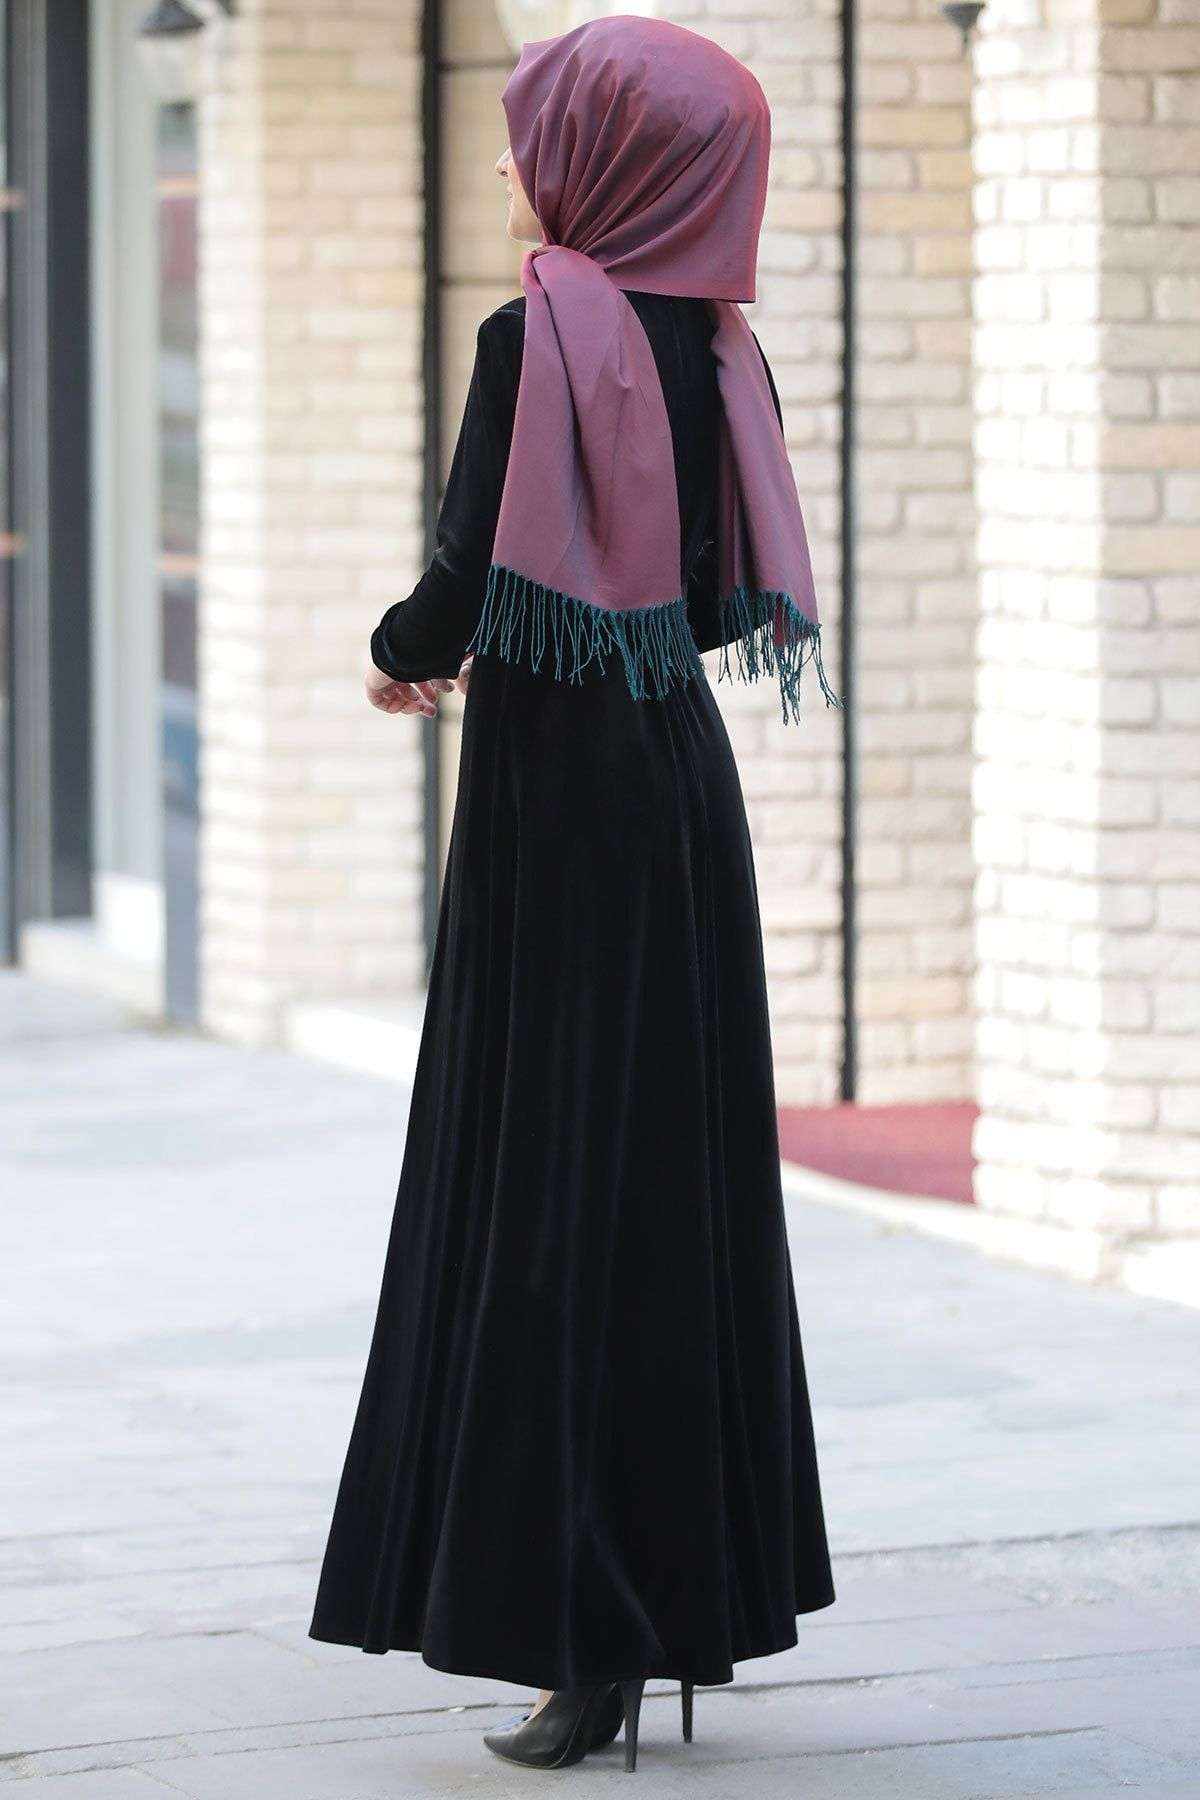 Kadin Tesettur Abiye Trendyol Da En Cok Satan Top 10 2020 Elbise Moda Stilleri Kadin